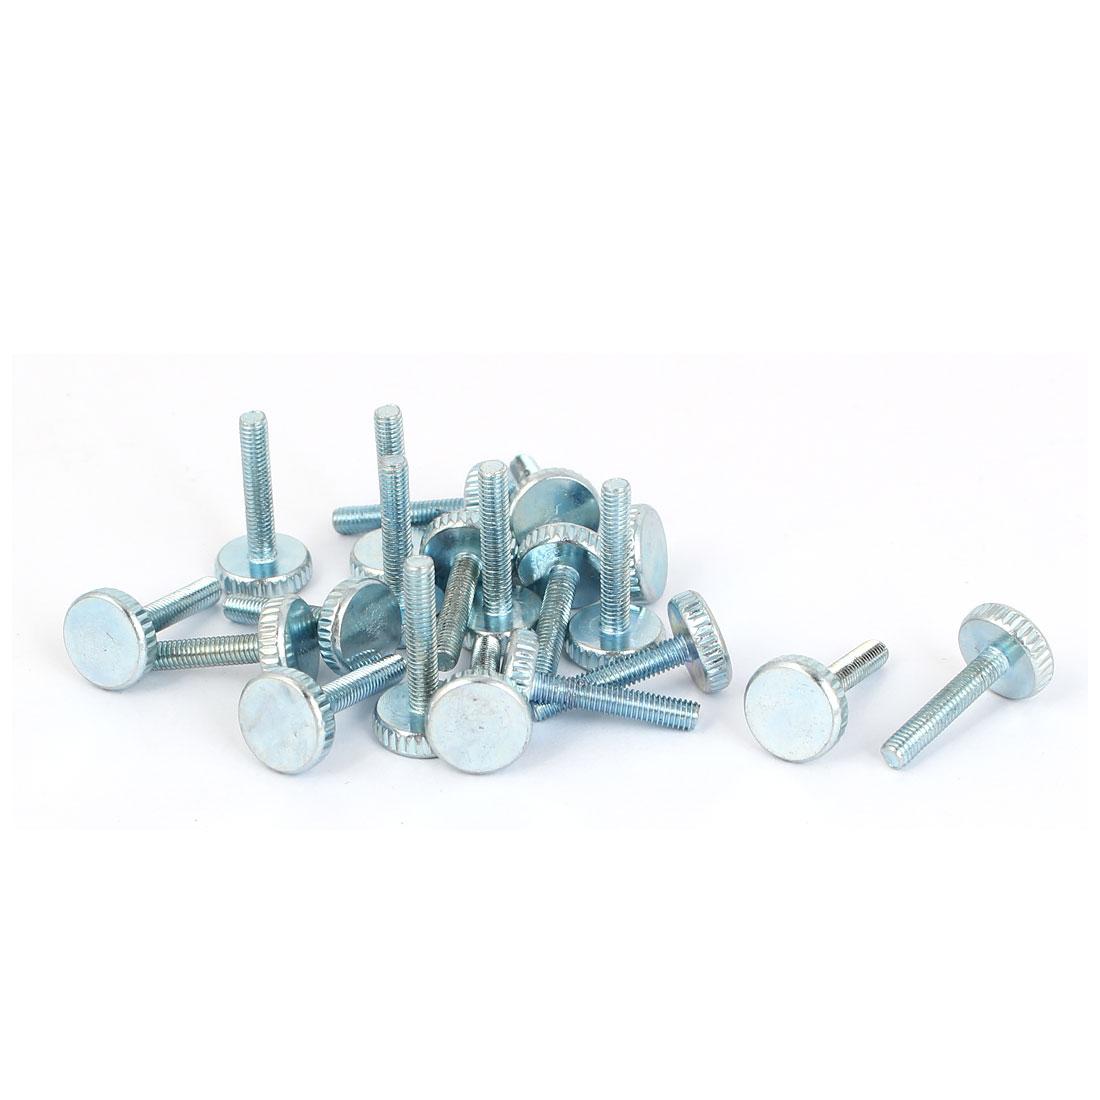 M3x16mm Thread Carbon Steel Knurled Round Head Thumb Screws Silver Blue 20pcs